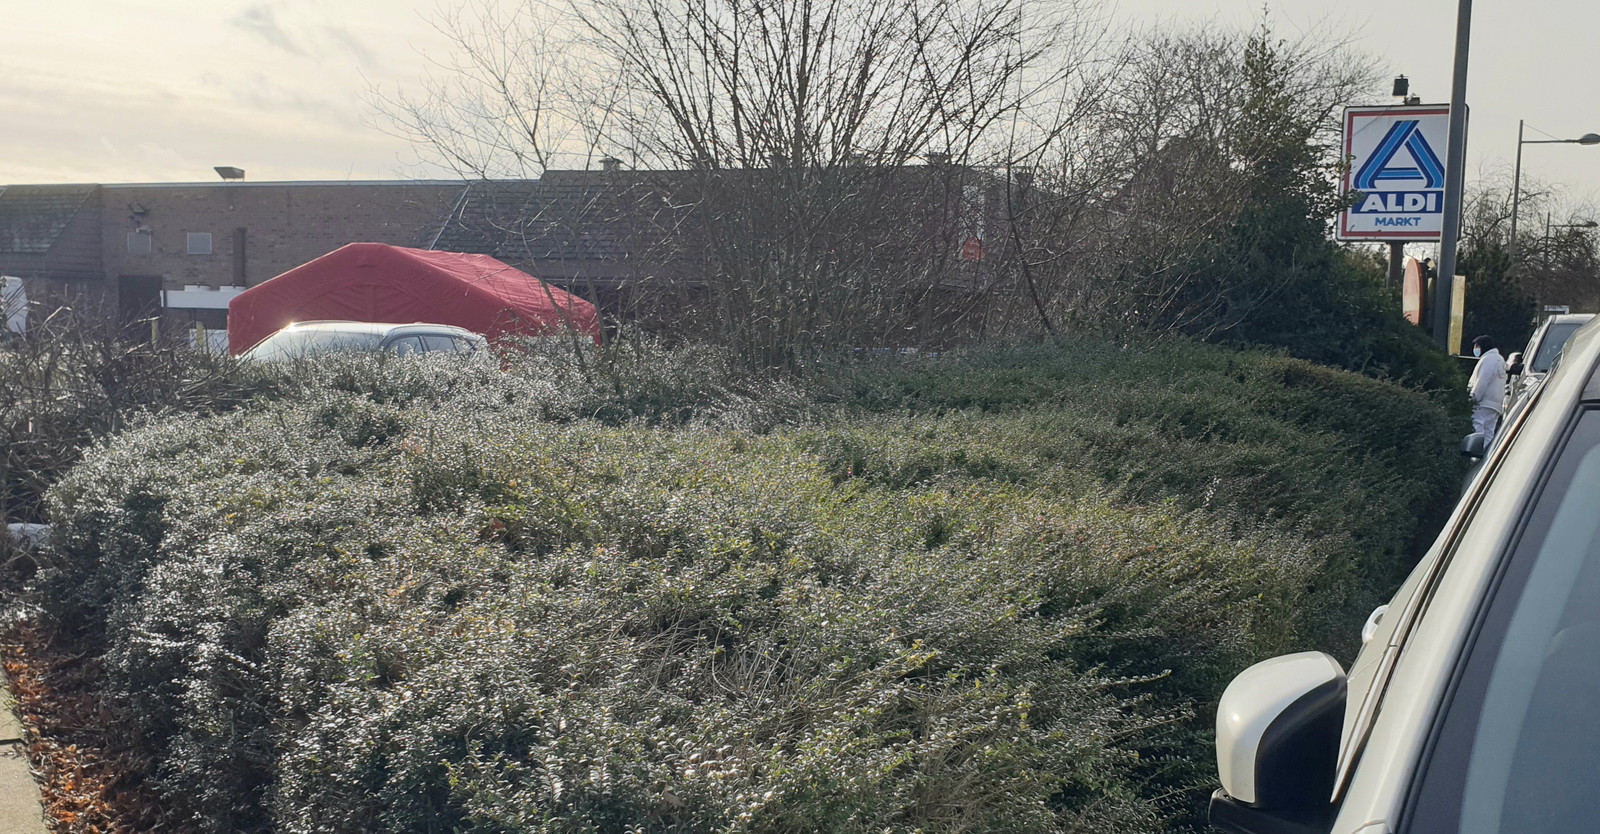 SINT-KATELIJNE-WAVER - Een vrouw kwam vrijdagochtend om het leven bij een ongeval op de parking van de Aldi-supermarket.